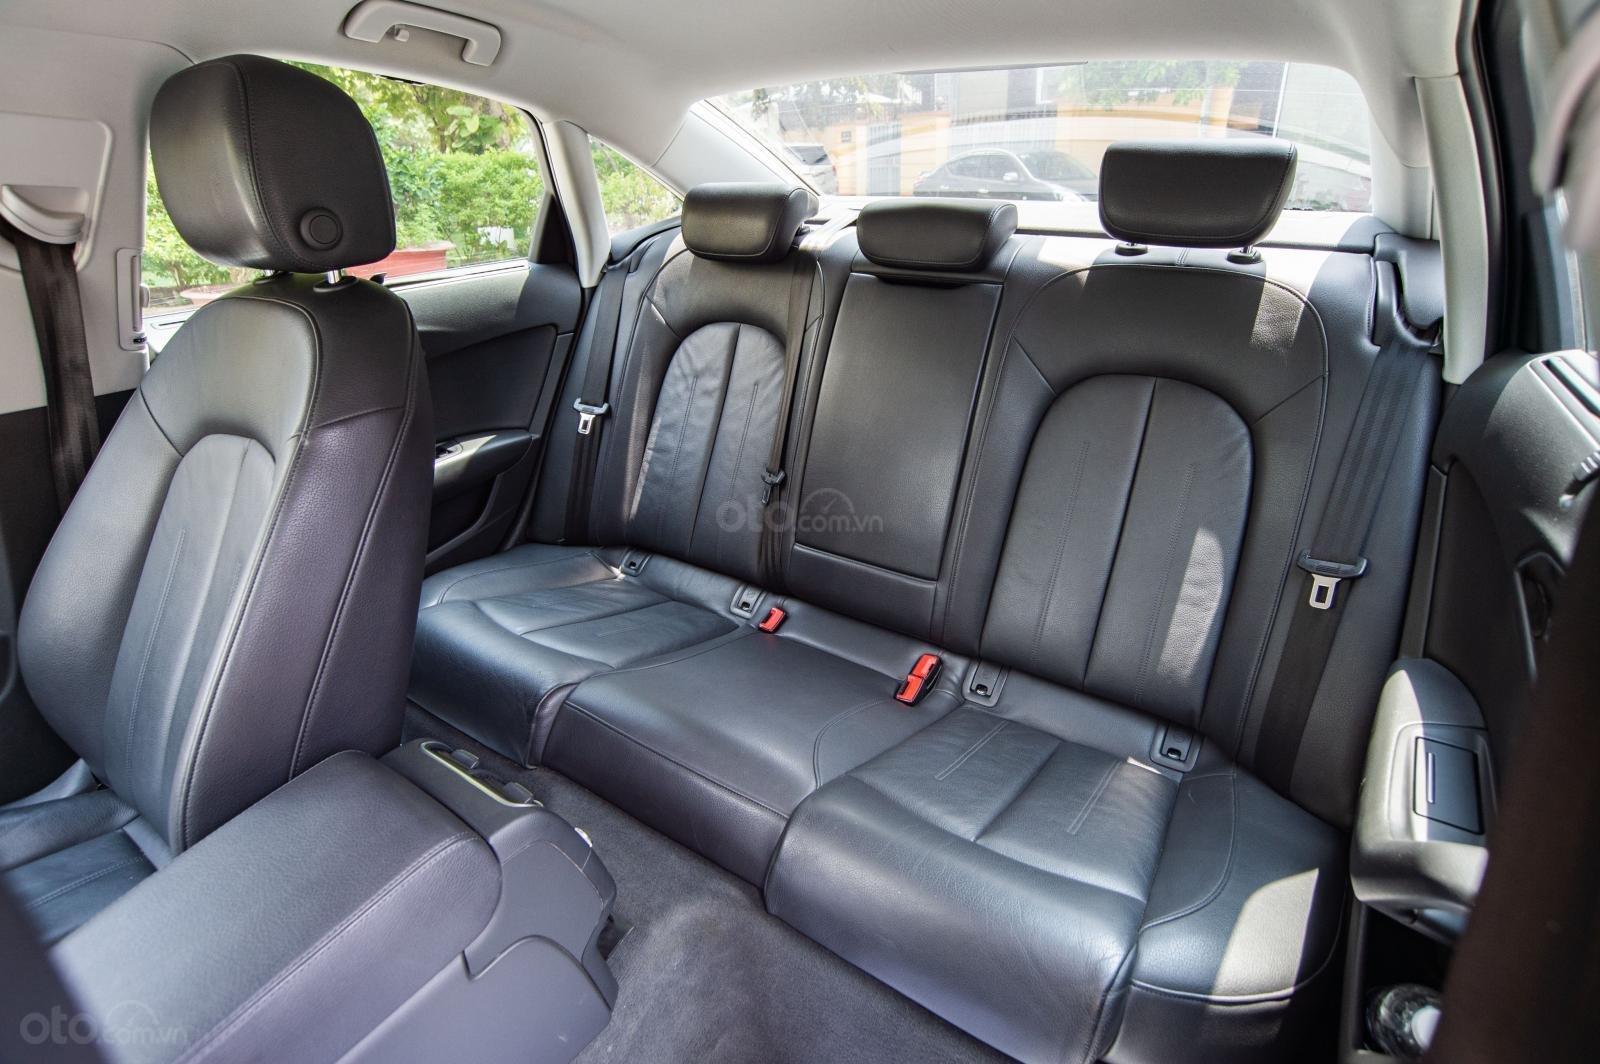 Cần bán xe Audi A6 1.8 TFSI sản xuất 2016, đăng kí 2017, biển Hà Nội (11)